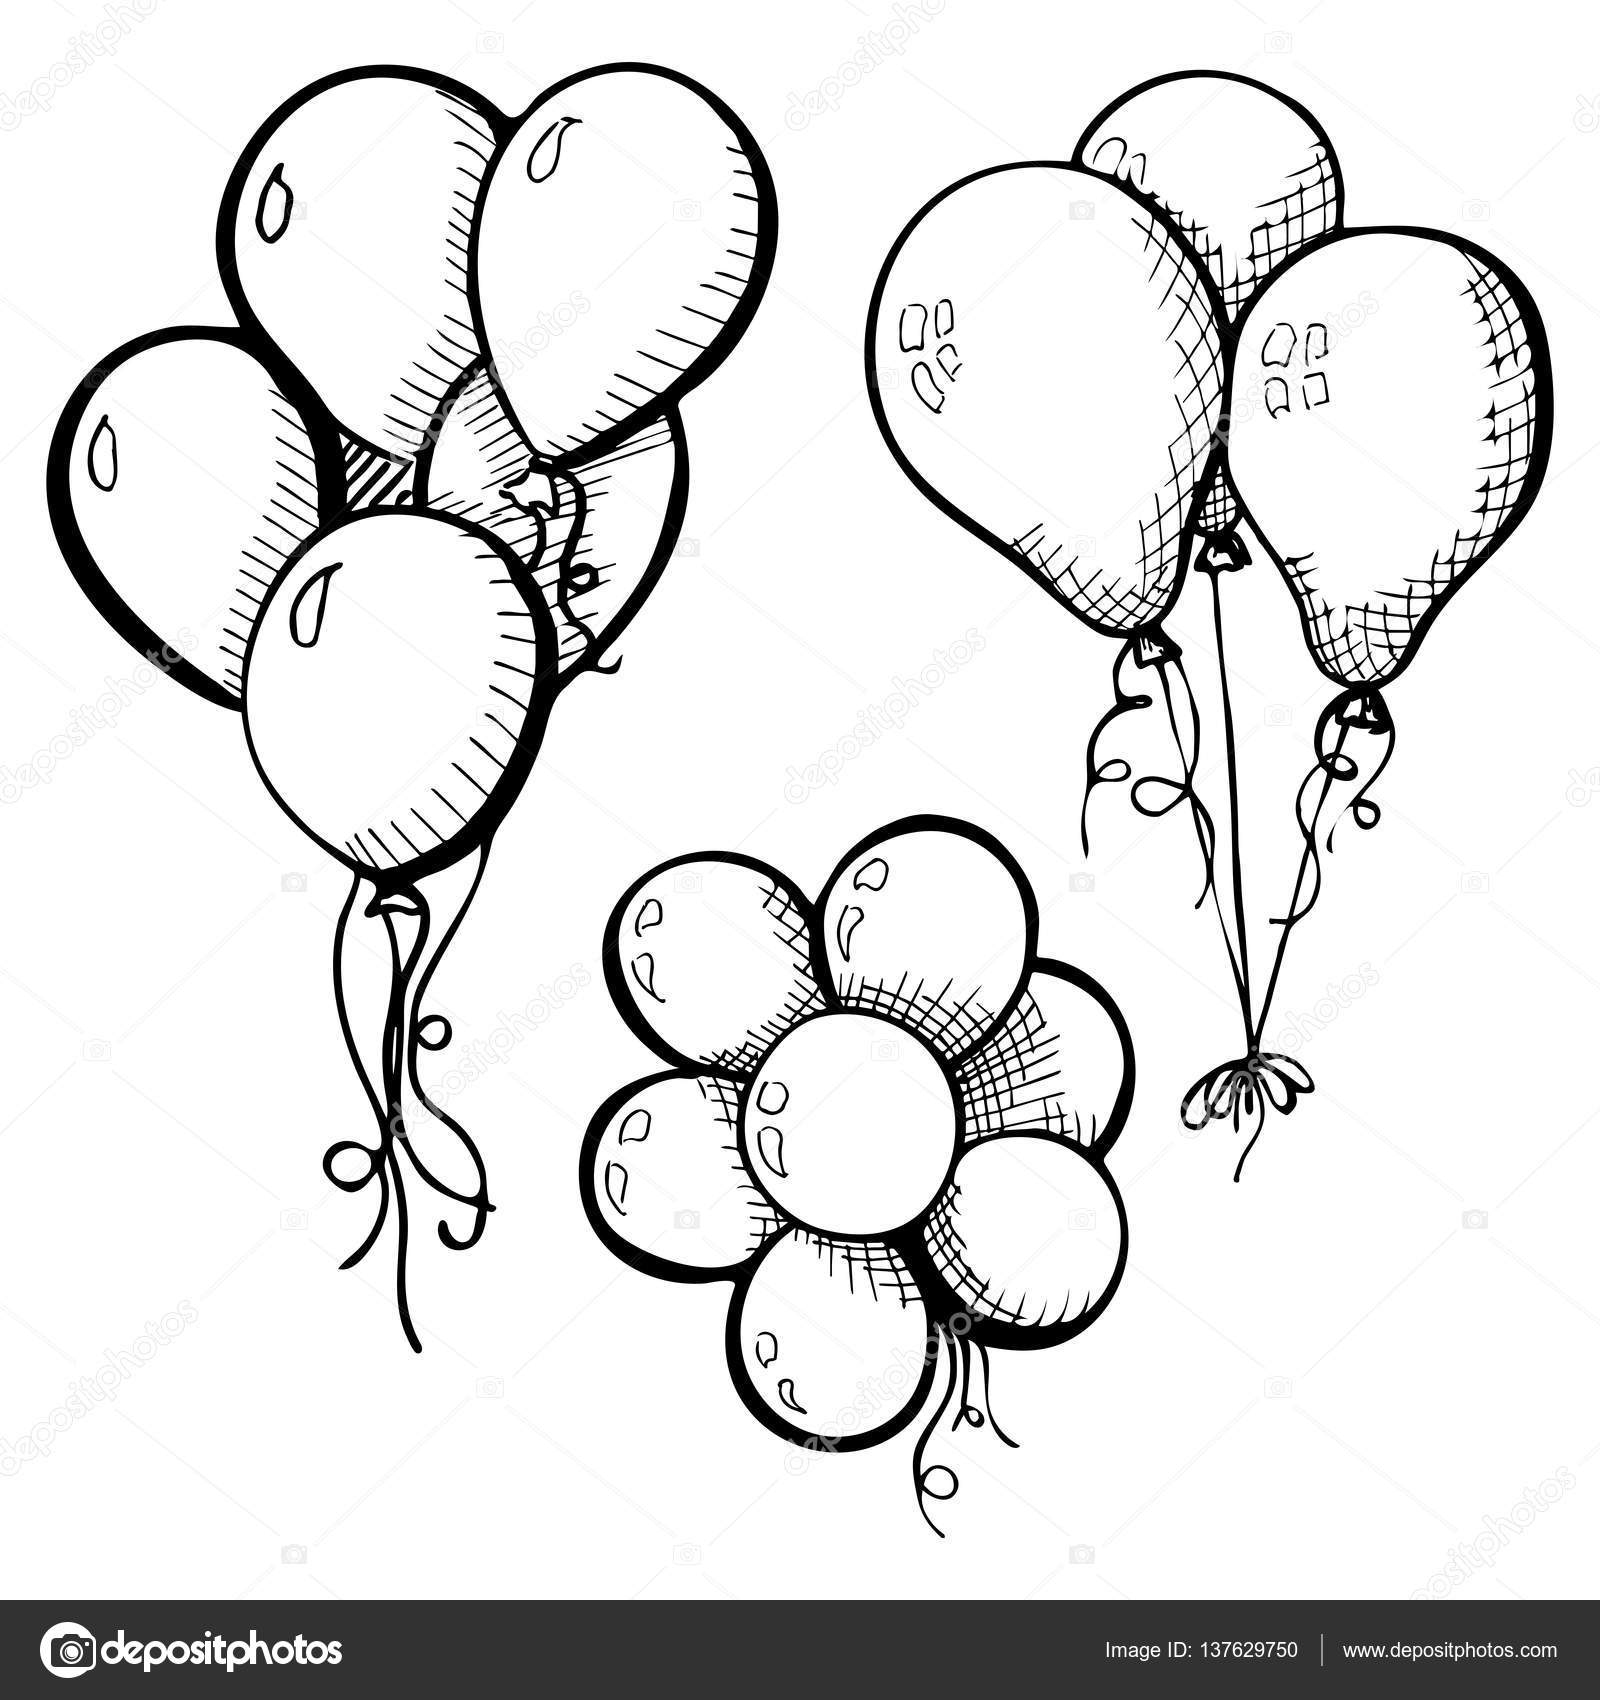 gruppe von luftballons an einer schnur hand gezeichnet isoliert auf einem wei en hintergrund. Black Bedroom Furniture Sets. Home Design Ideas